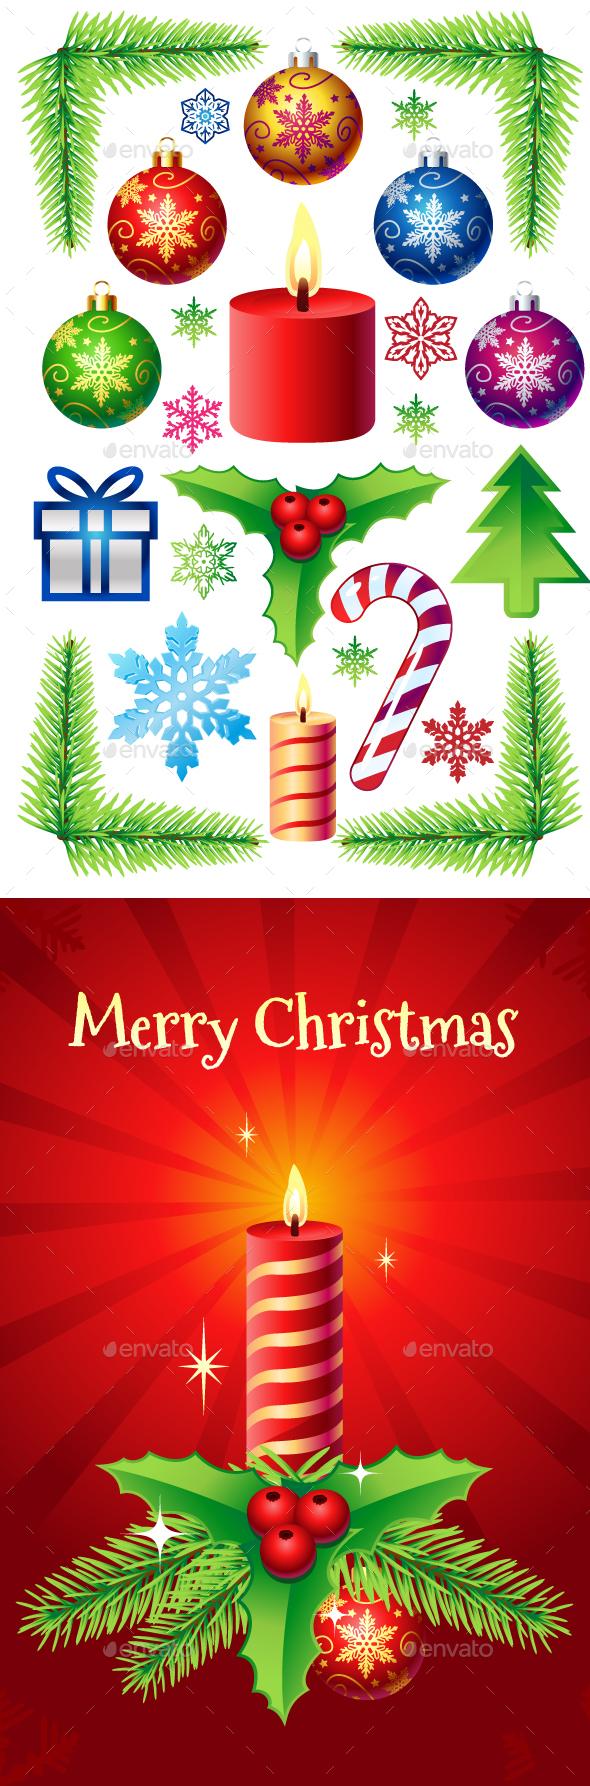 Christmas Decorations Set - Christmas Seasons/Holidays